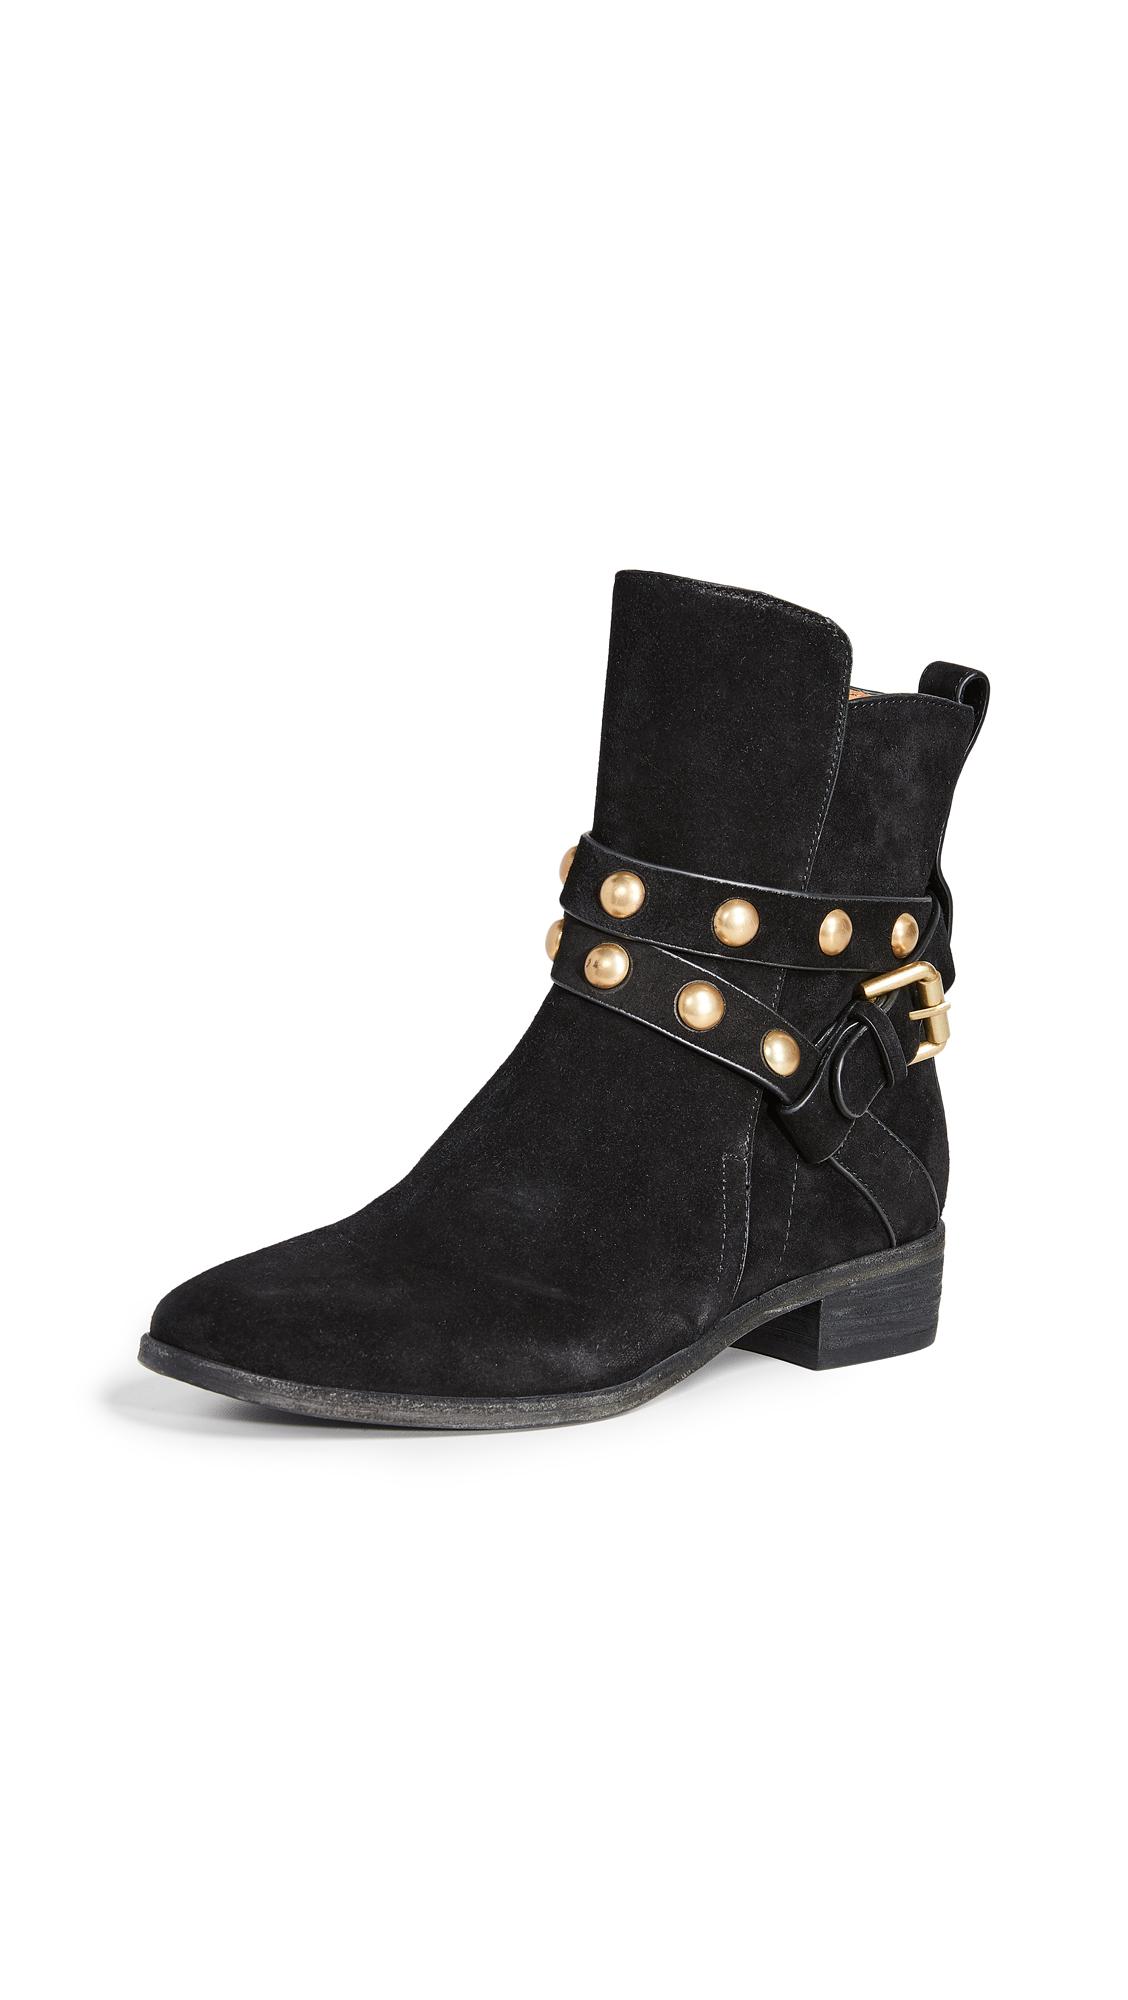 Janis Low Heel Booties, Nero